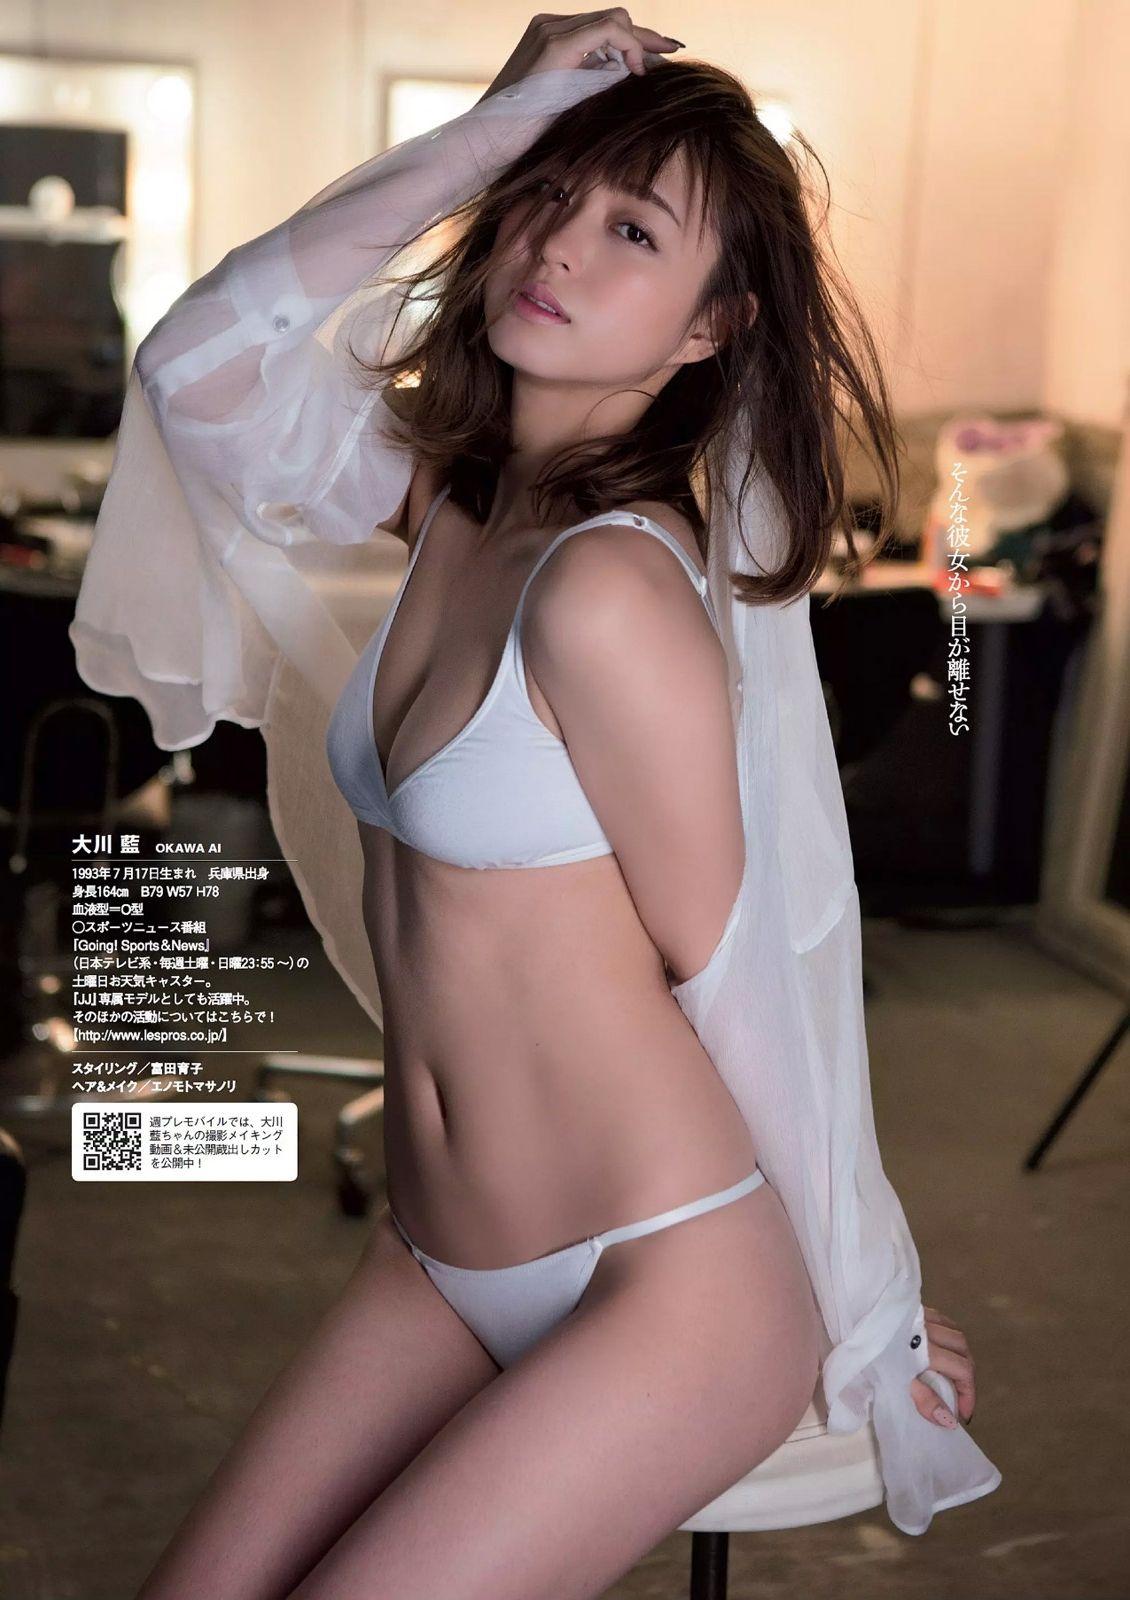 pinbundit on av japan | pinterest | gravure idol, lingerie and nice